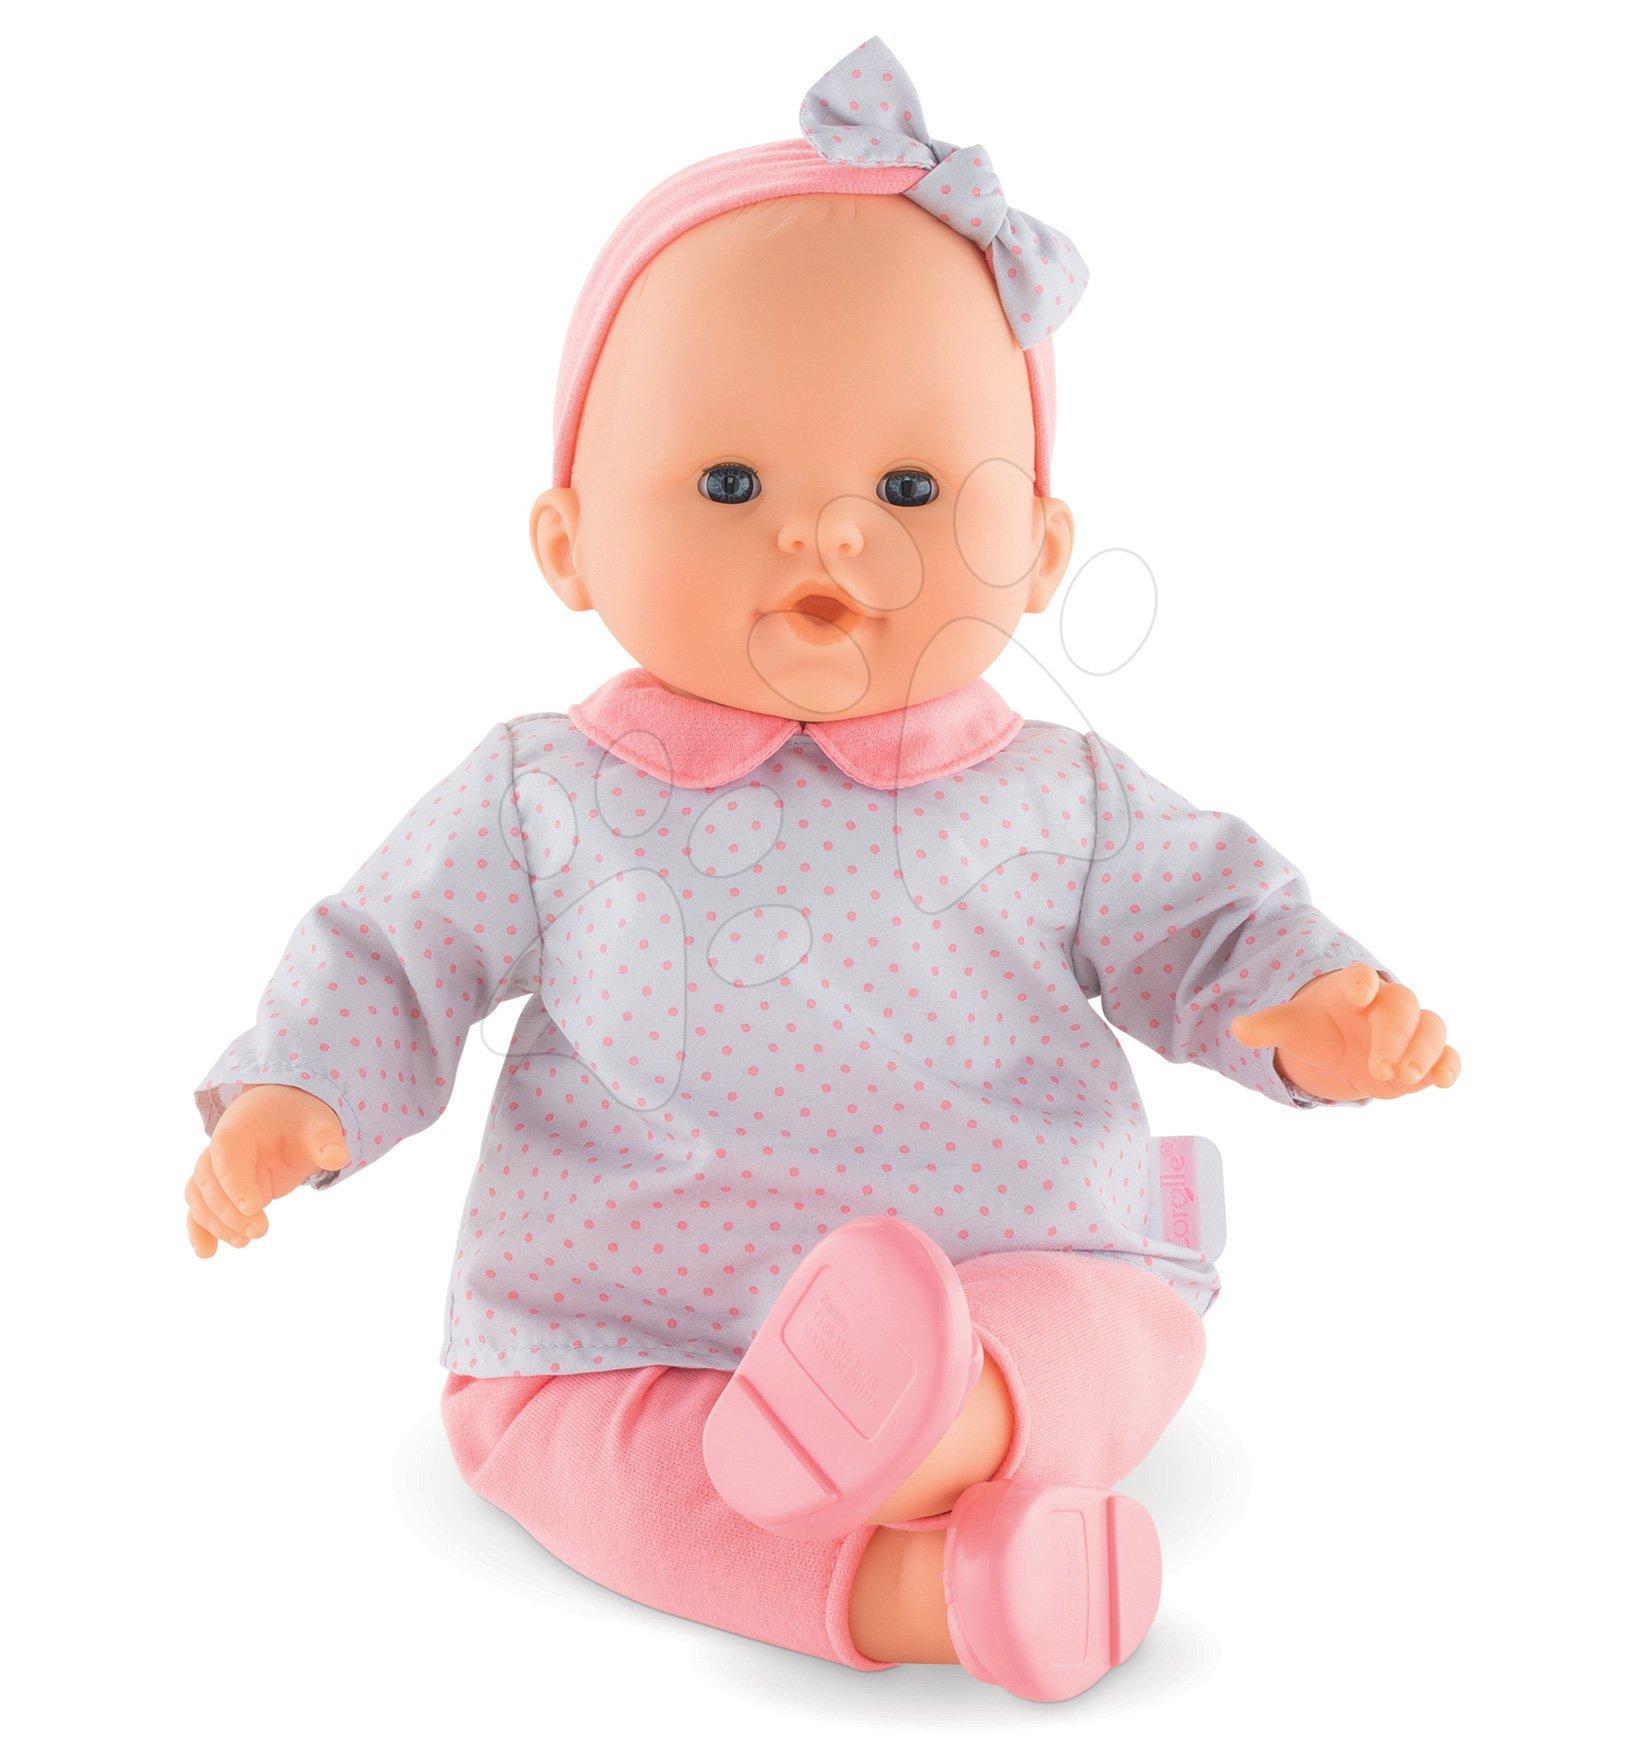 Panenky od 24 měsíců - Panenka Louise Mon Grand Poupon Corolle 36 cm s modrýma mrkacími očima od 24 měs